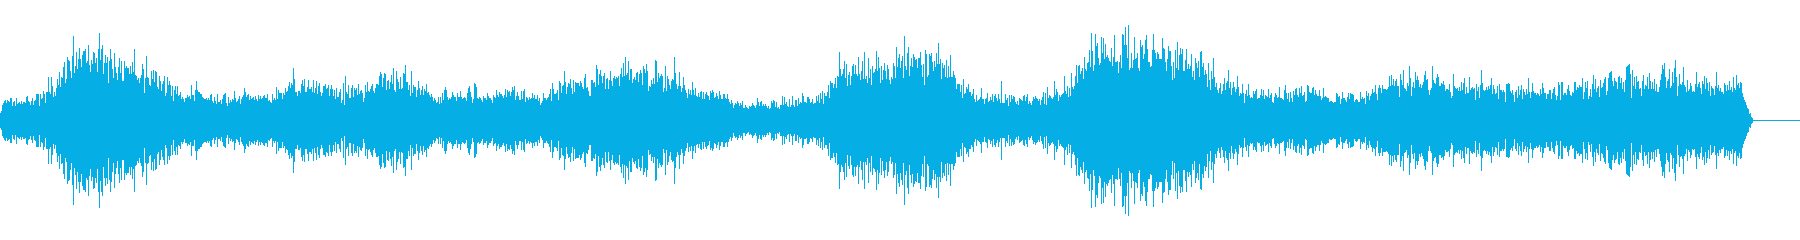 ビーチ-イパネマ-声-重い強い波-...の再生済みの波形